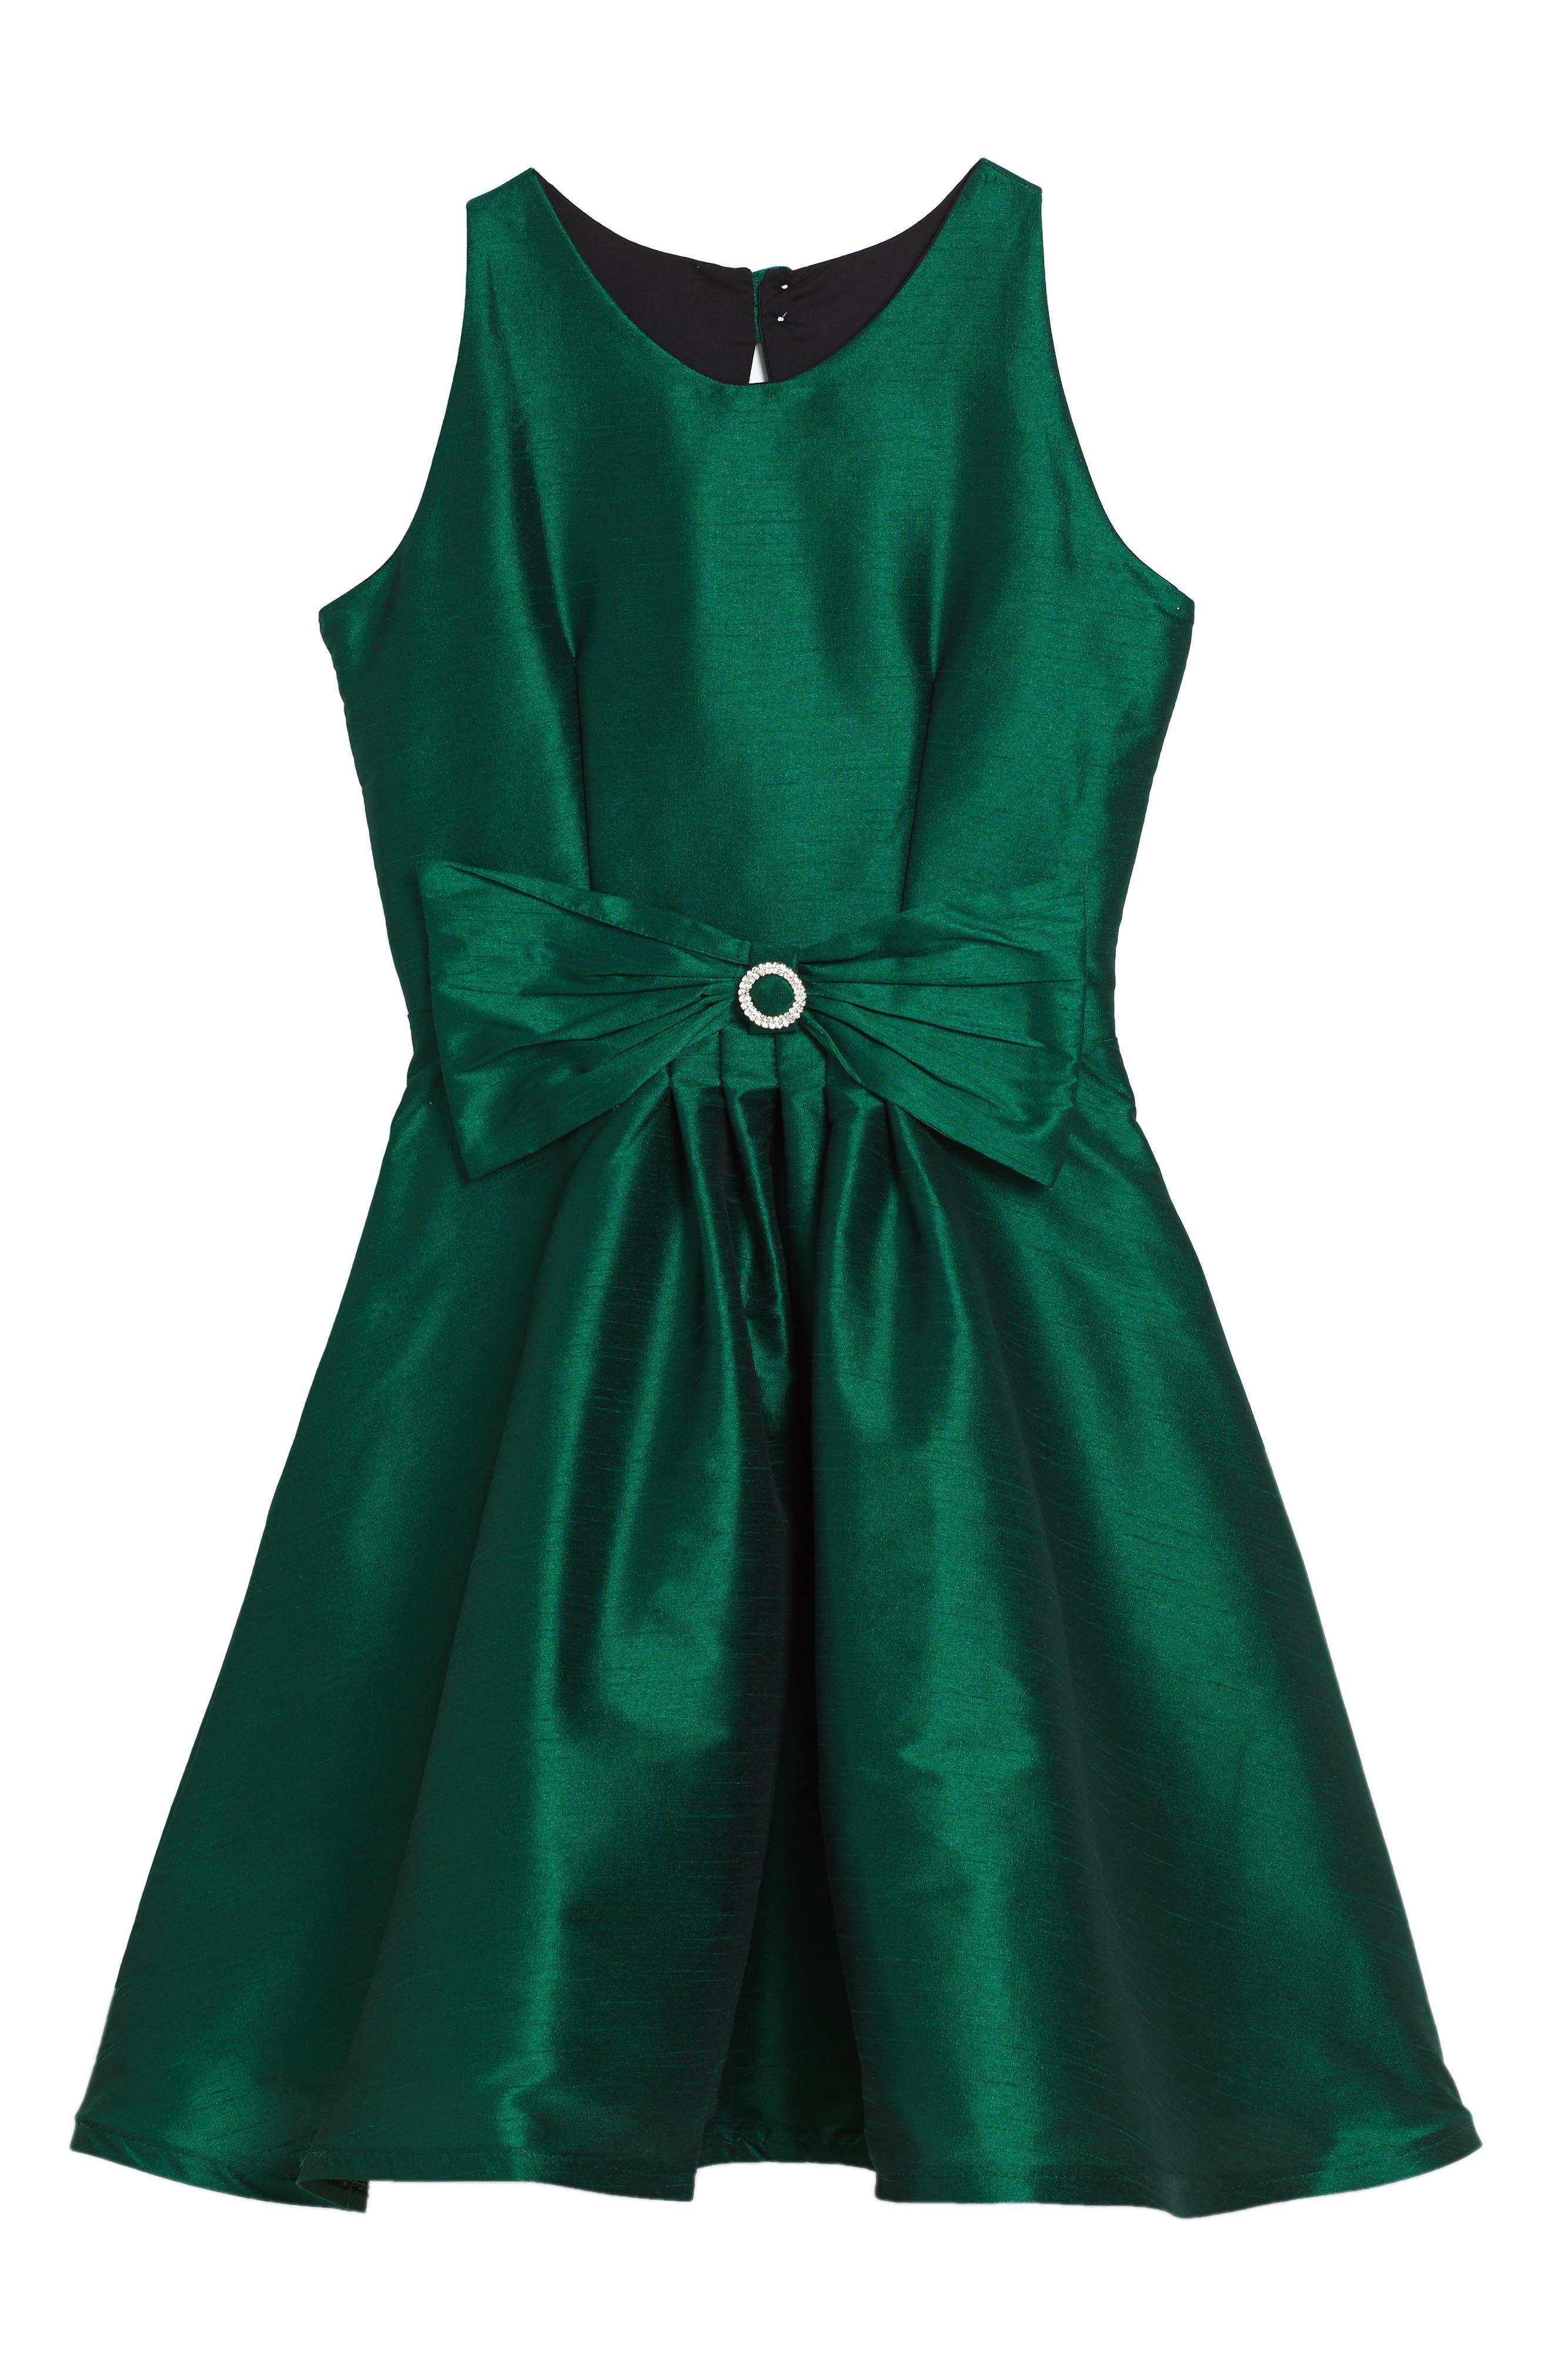 Holiday Beauty Sleeveless Dress,                             Main thumbnail 1, color,                             300